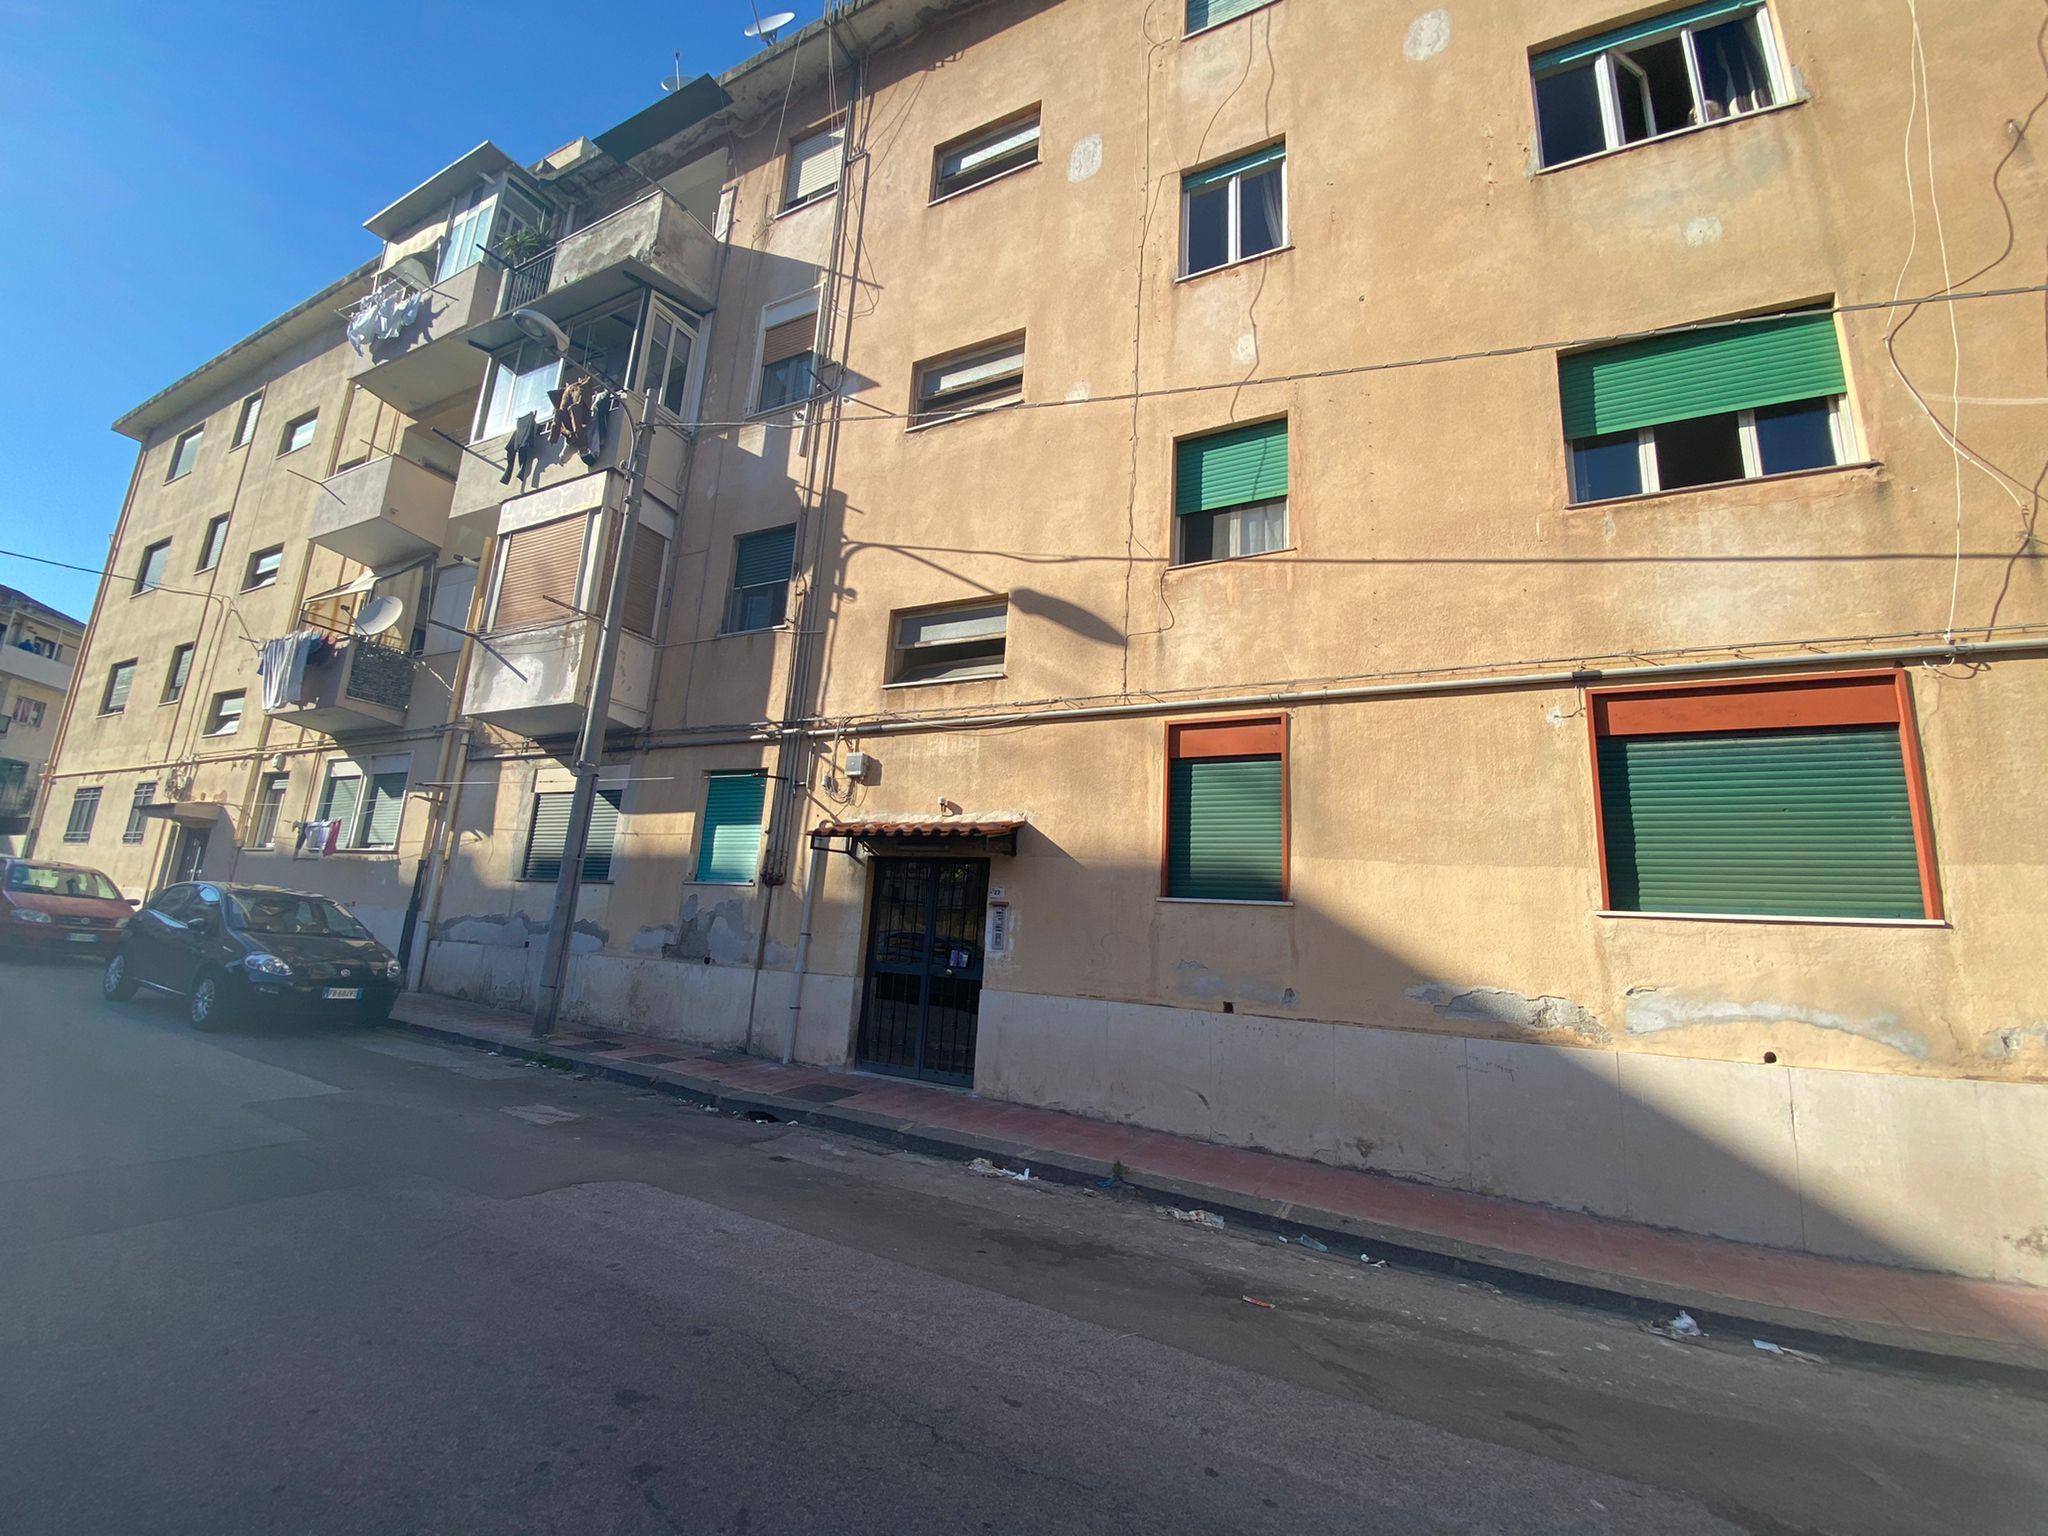 Svincolo Gazzi in vendita 3 vani più servizi